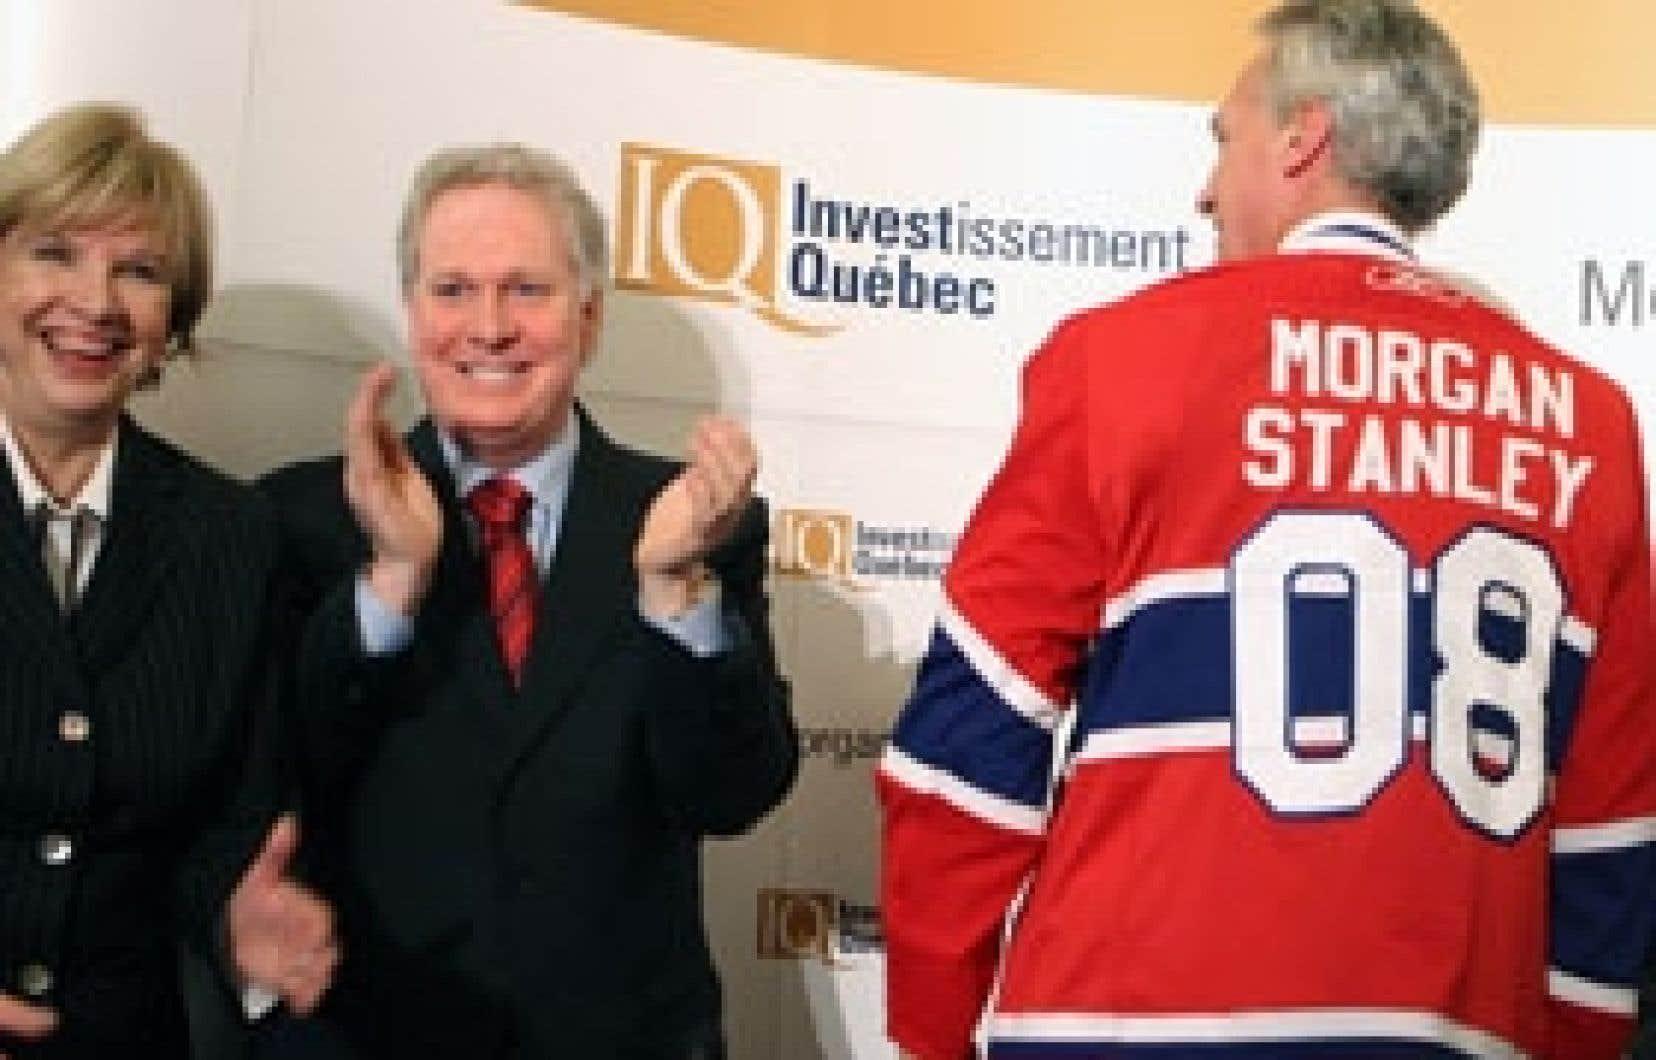 Jeudi dernier, Morgan Stanley annonçait l'ouverture à Montréal d'un centre de développement de logiciels. Selon le Parti québécois, 200 des 500 emplois annoncés à cette occasion sont en fait transférés de la firme Compuware, un sous-traitan